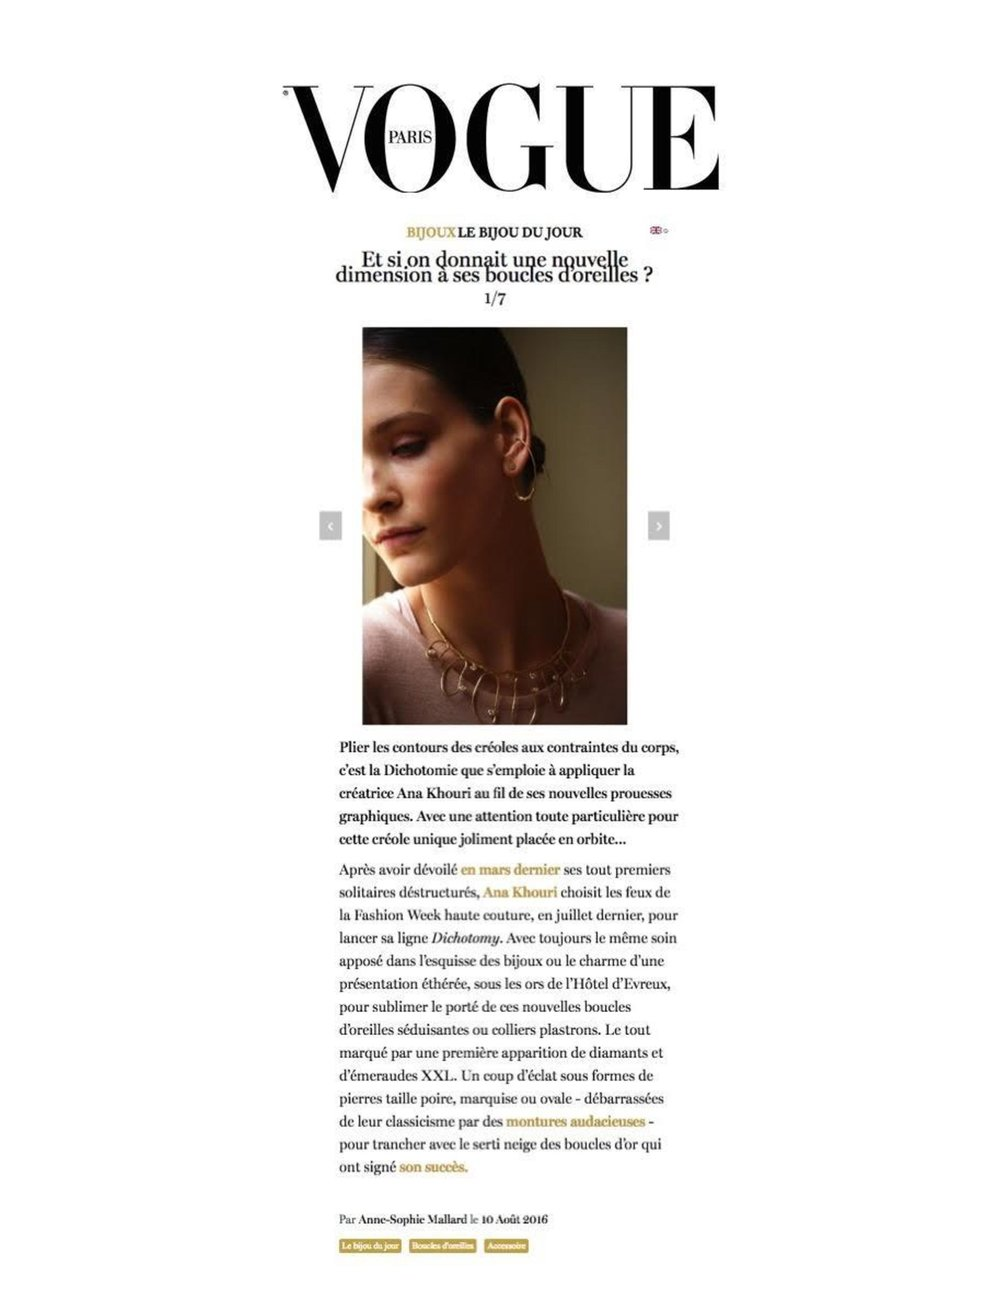 Vogue.com 1